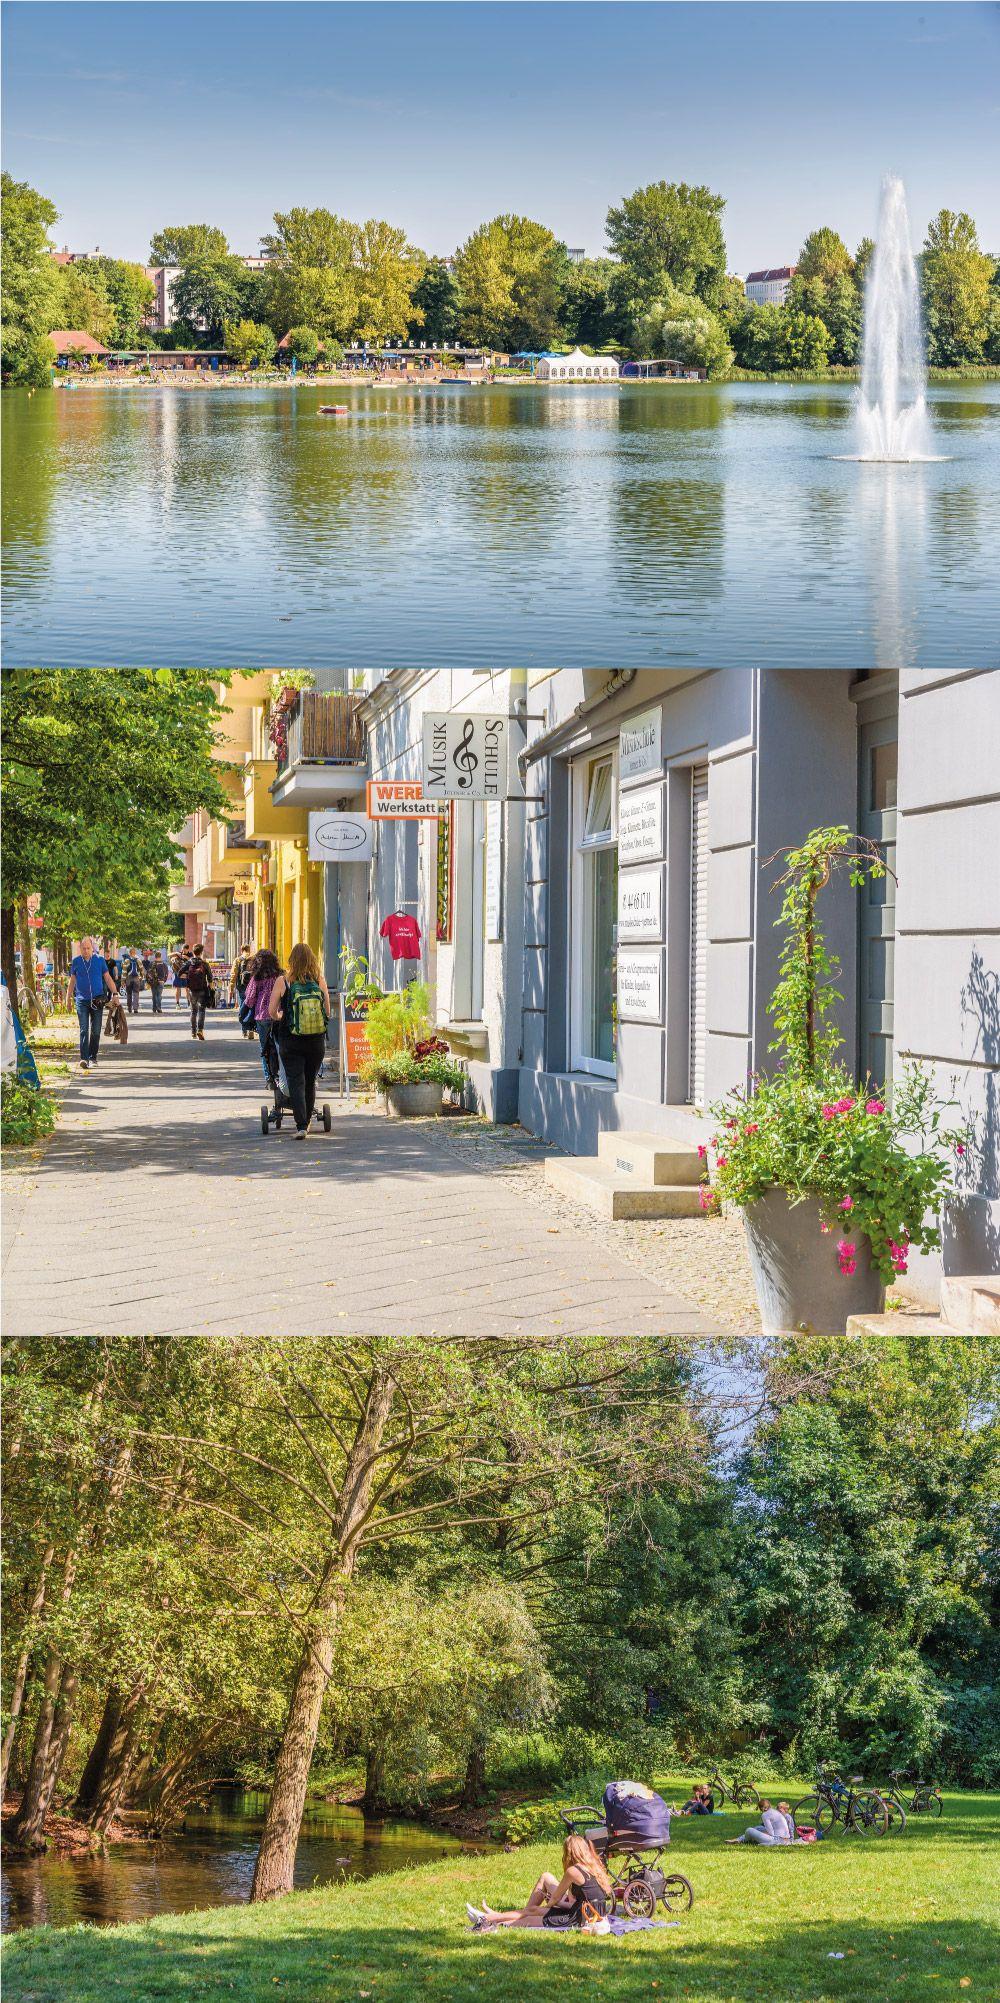 Eigentumswohnung Berlin Pankow fräulein binz eigentumswohnungen in berlin pankow florakiez